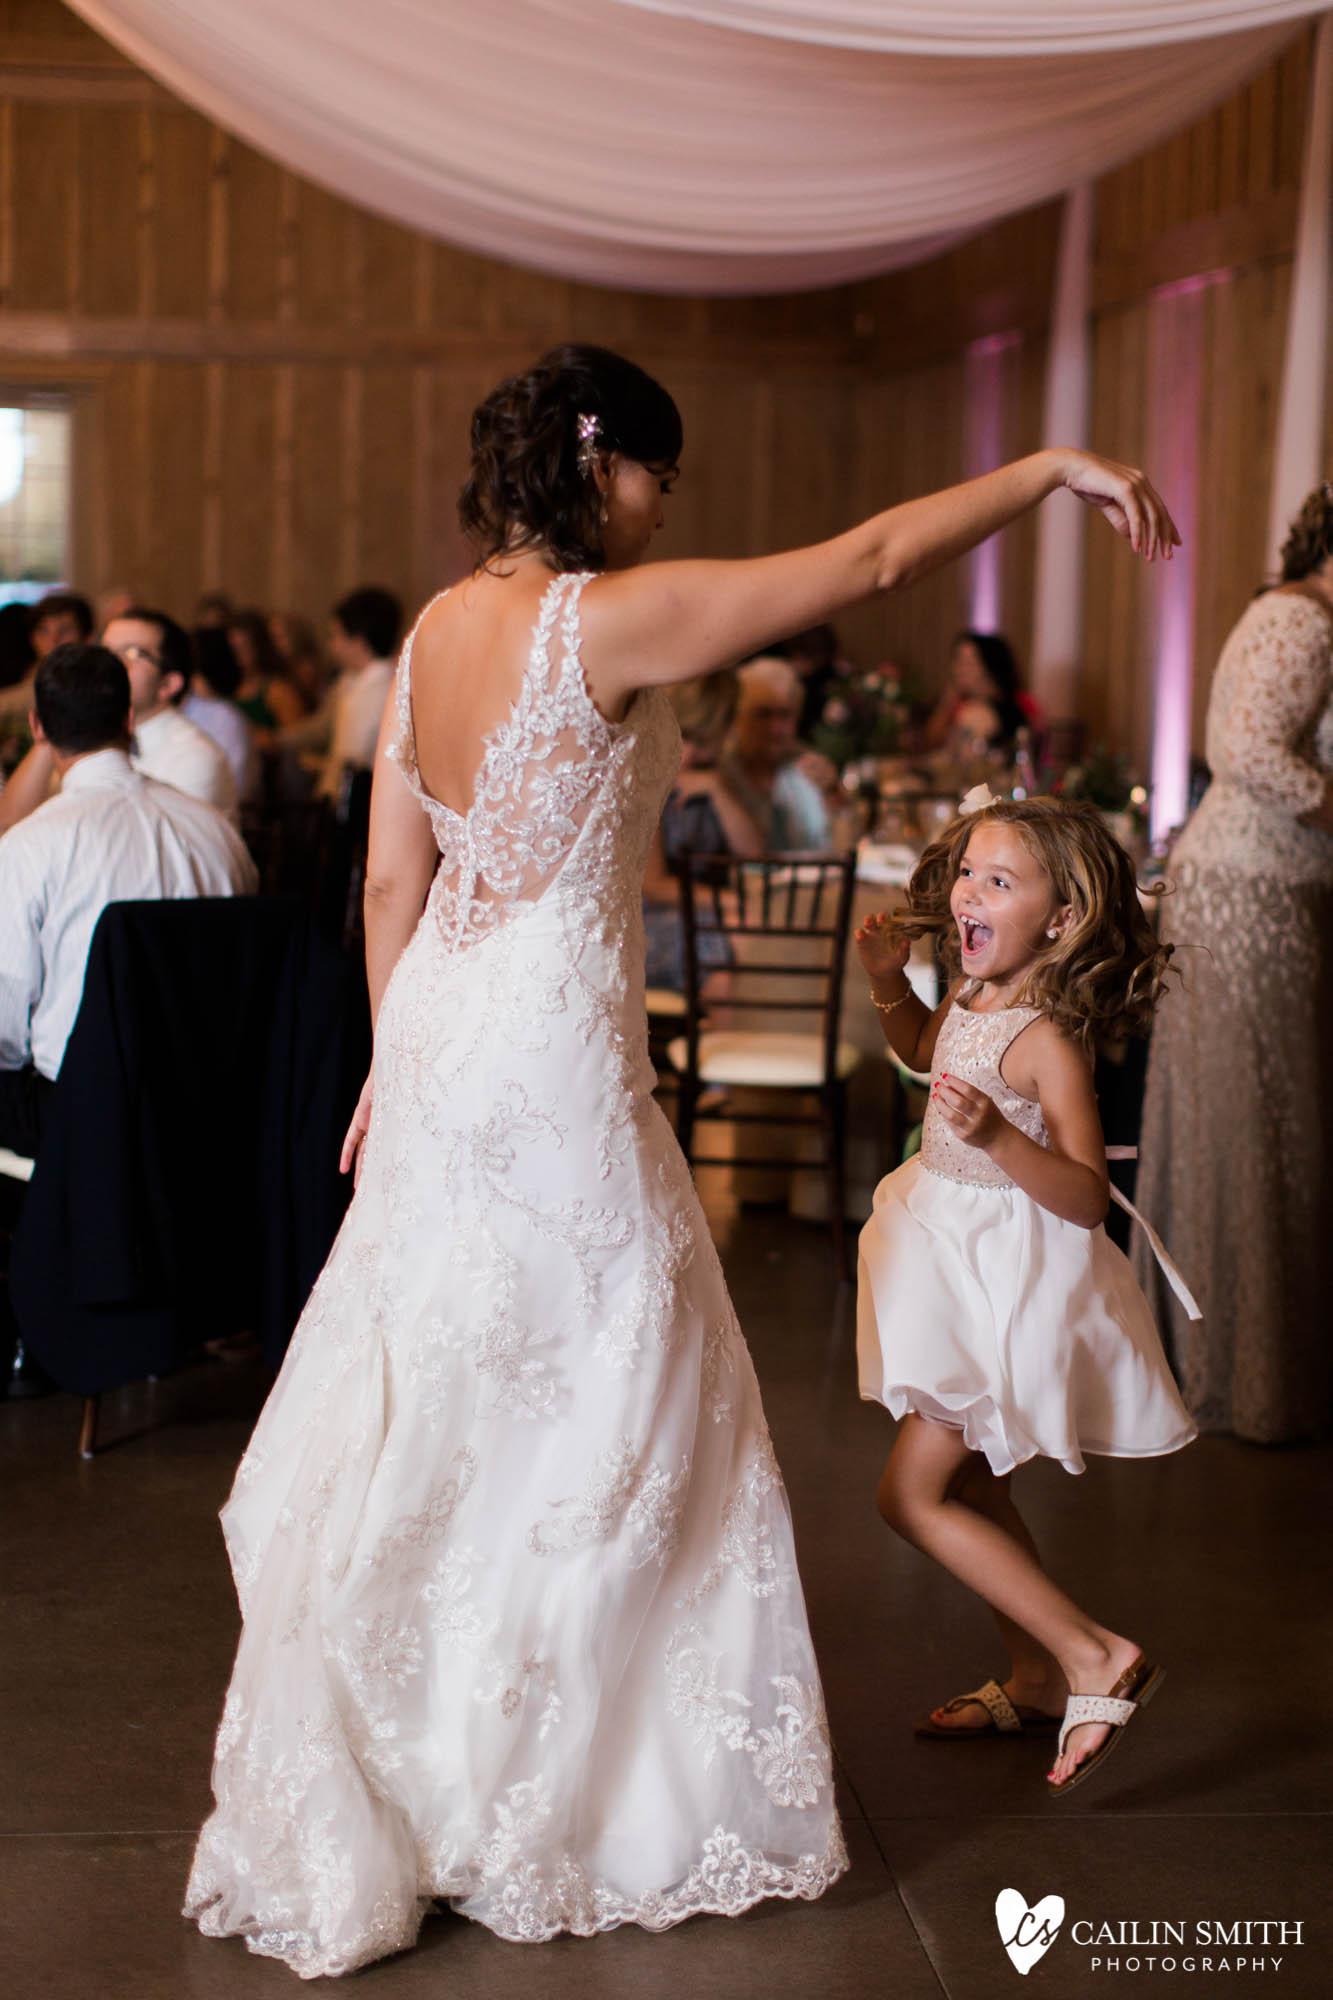 Bethany_Kyle_Bowing_Oaks_Plantation_Wedding_Photography_0113.jpg